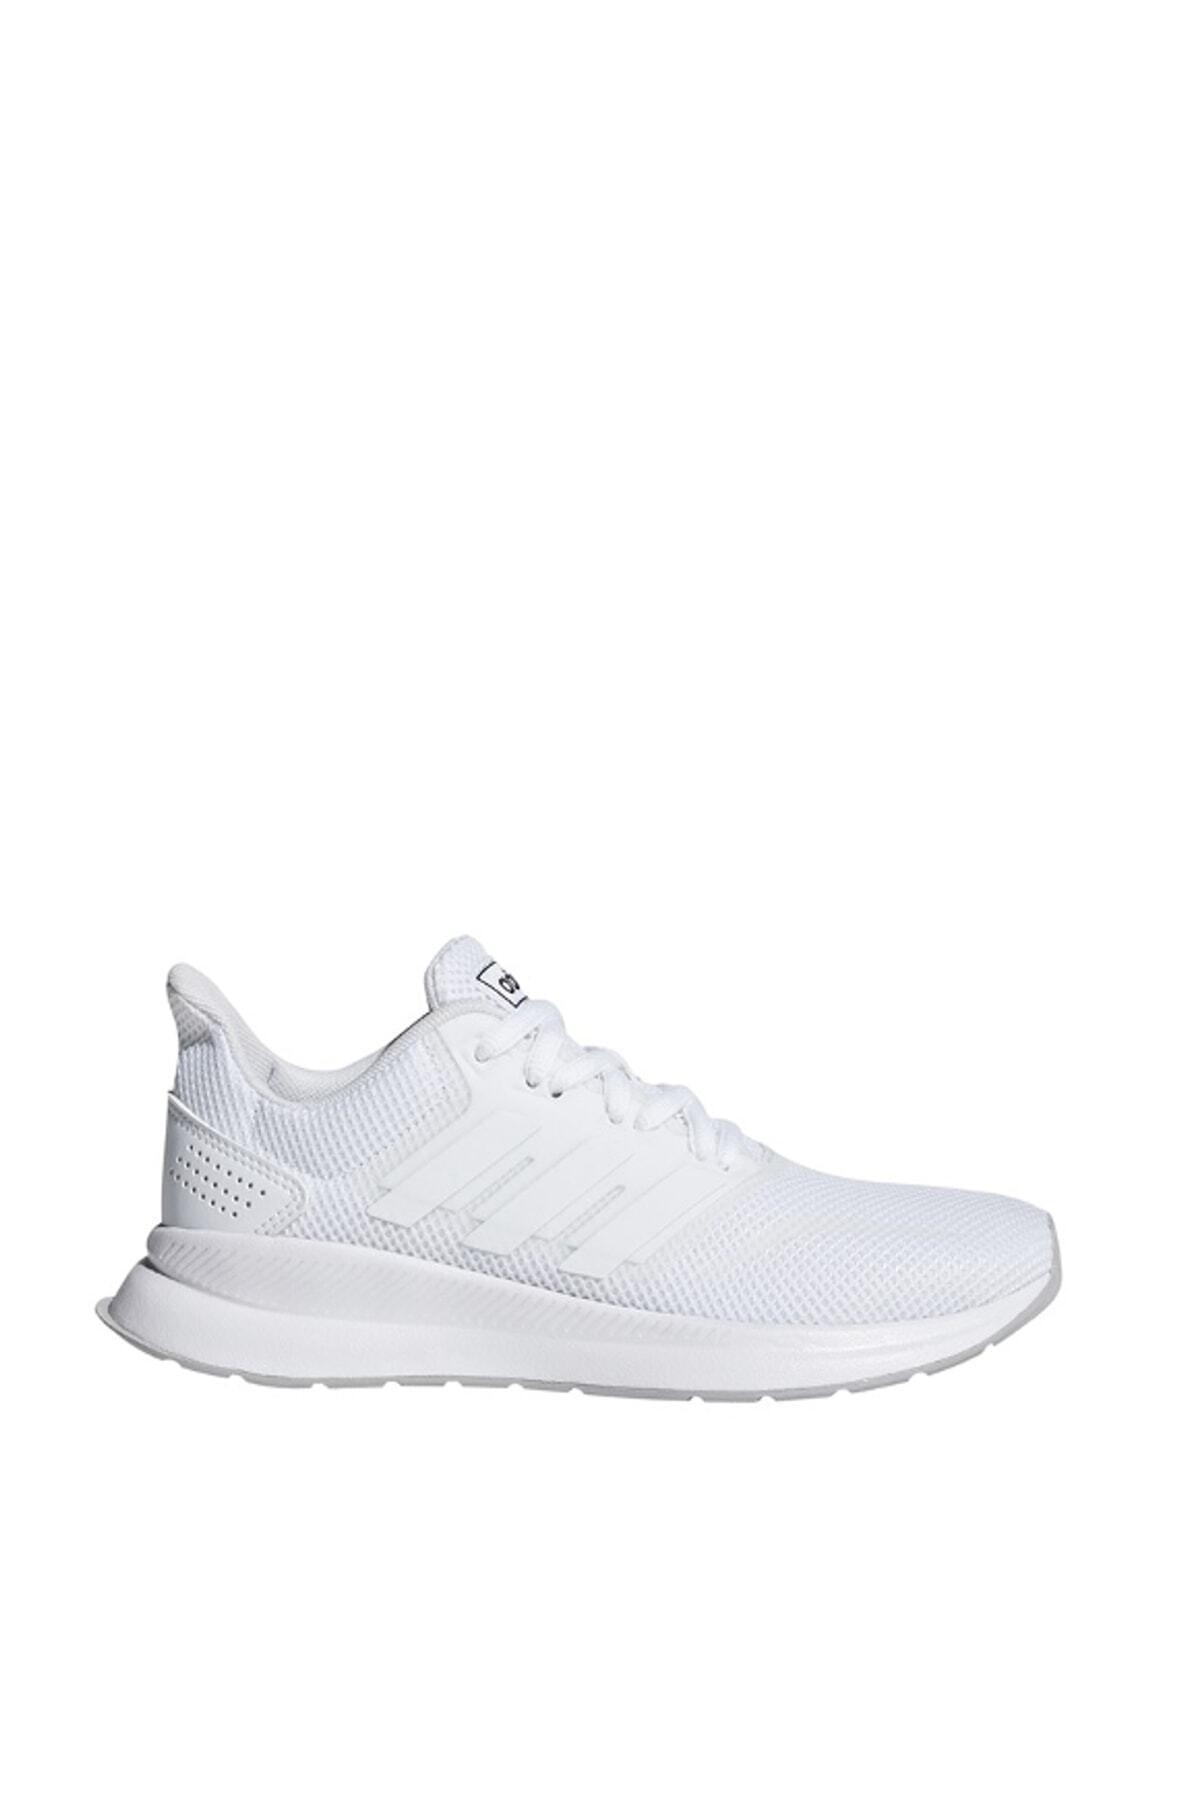 adidas RUNFALCON Beyaz Kız Çocuk Koşu Ayakkabısı 100479459 1